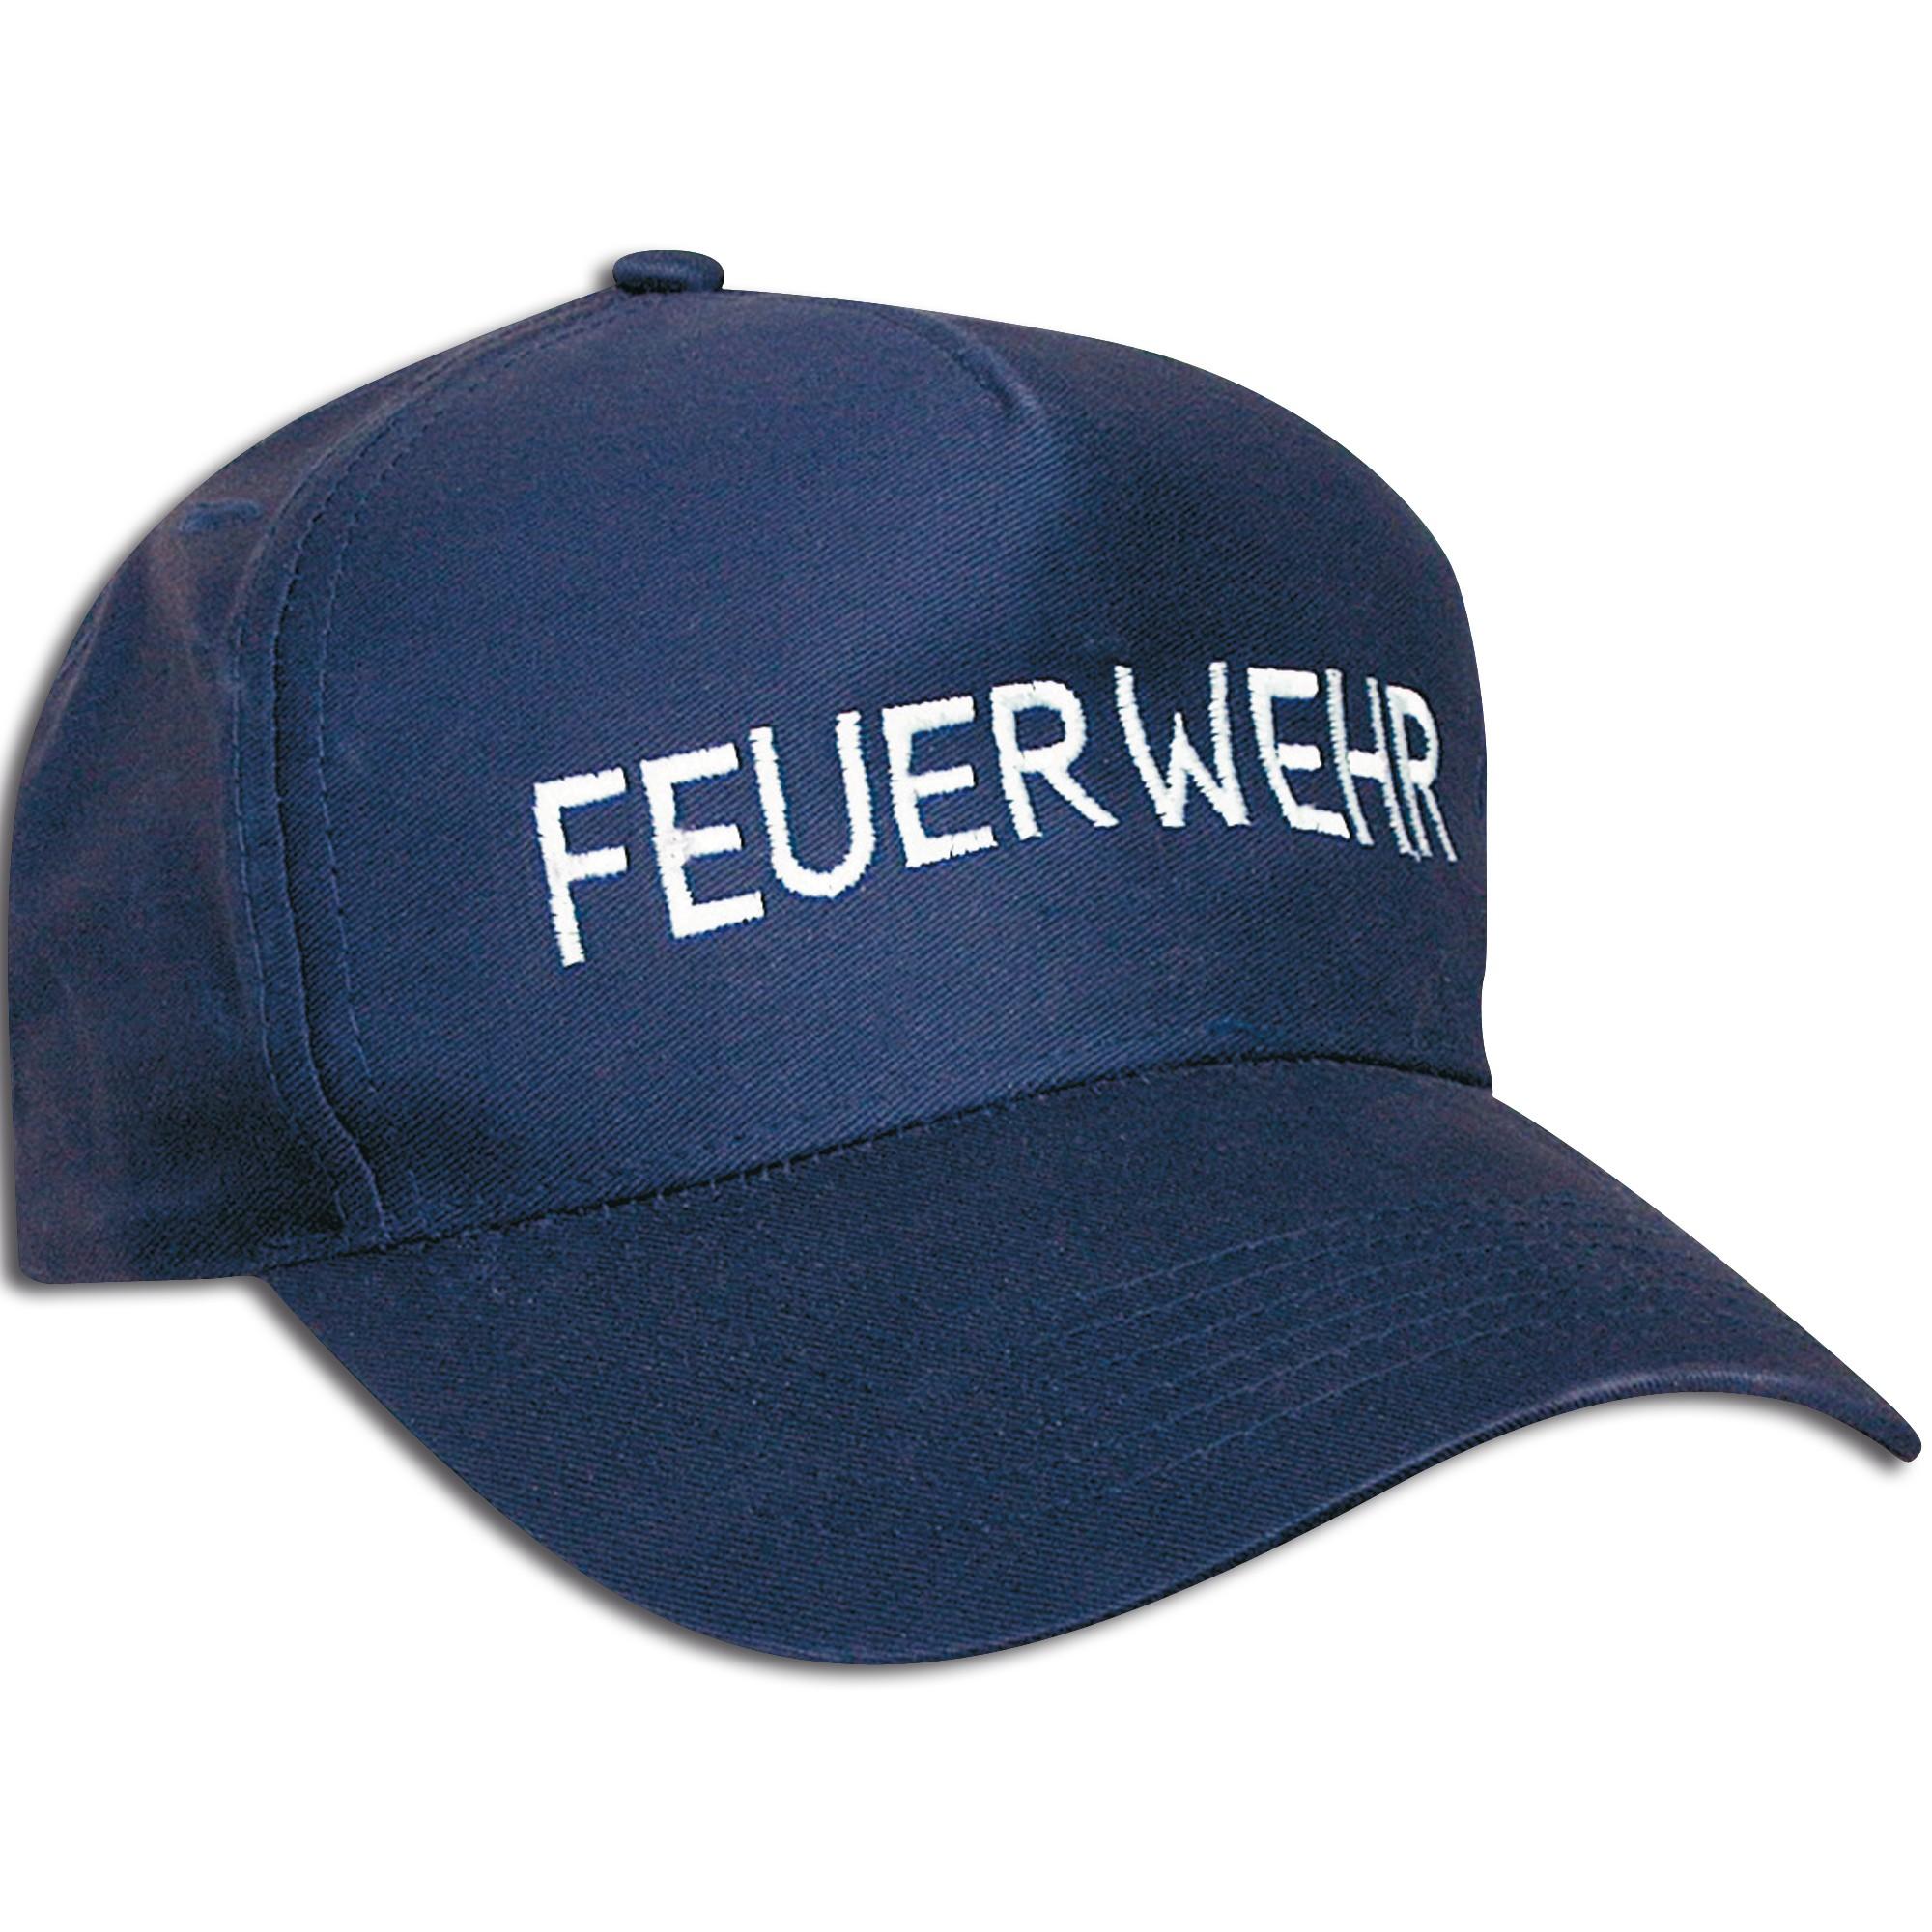 Gorra de béisbol inscripción Feuerwehr (bomberos)